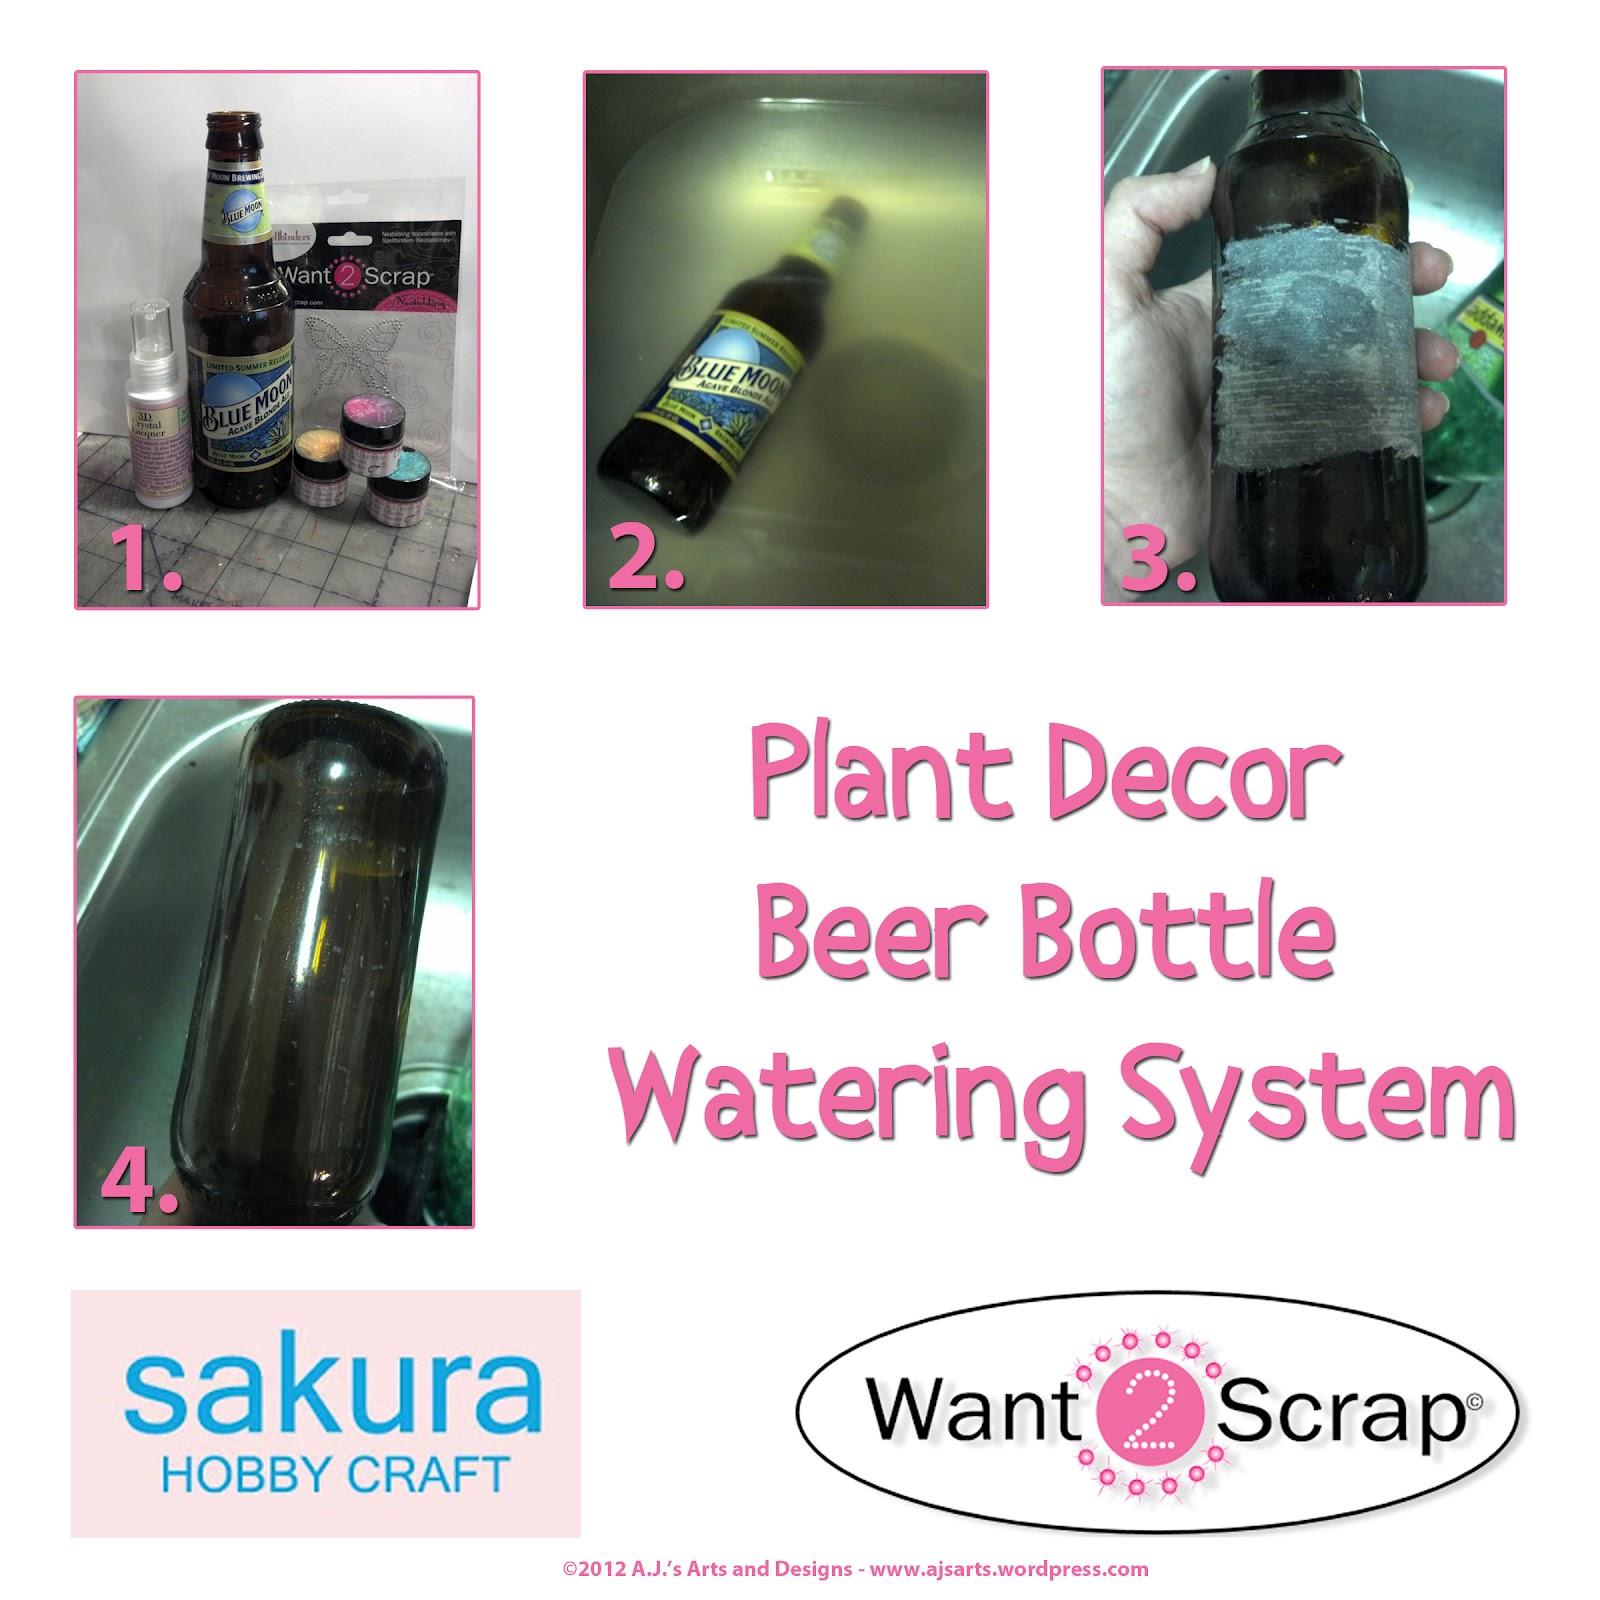 http://1.bp.blogspot.com/-H9vv9X3HWqs/T8kfkKh-G1I/AAAAAAAAF0U/D4etBdMhqs8/s1600/Sakura+Beer+Bottle+Watering+System.jpg